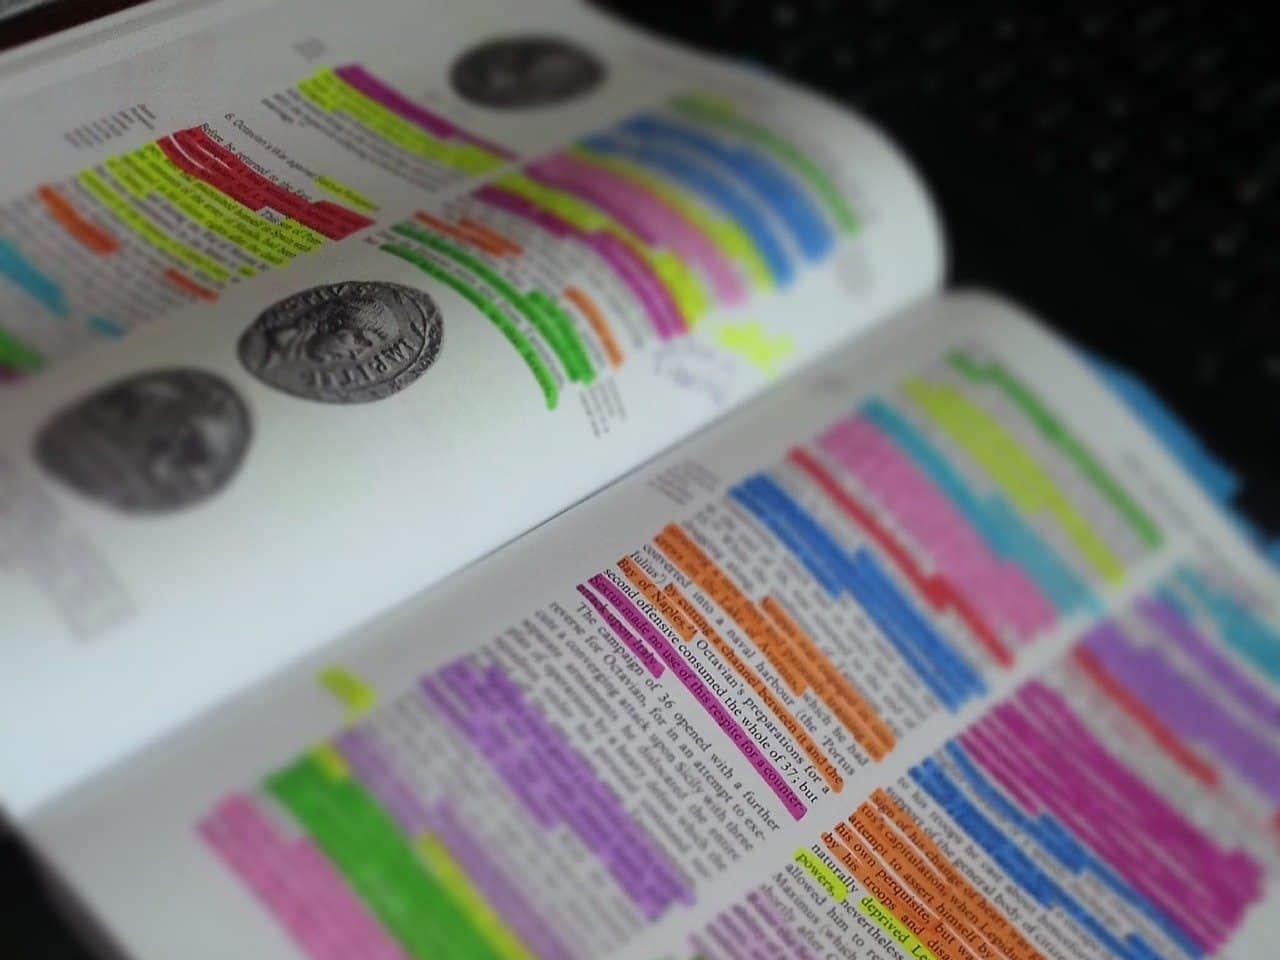 Kindle本のメモやハイライトをエクスポートして読書効率UP